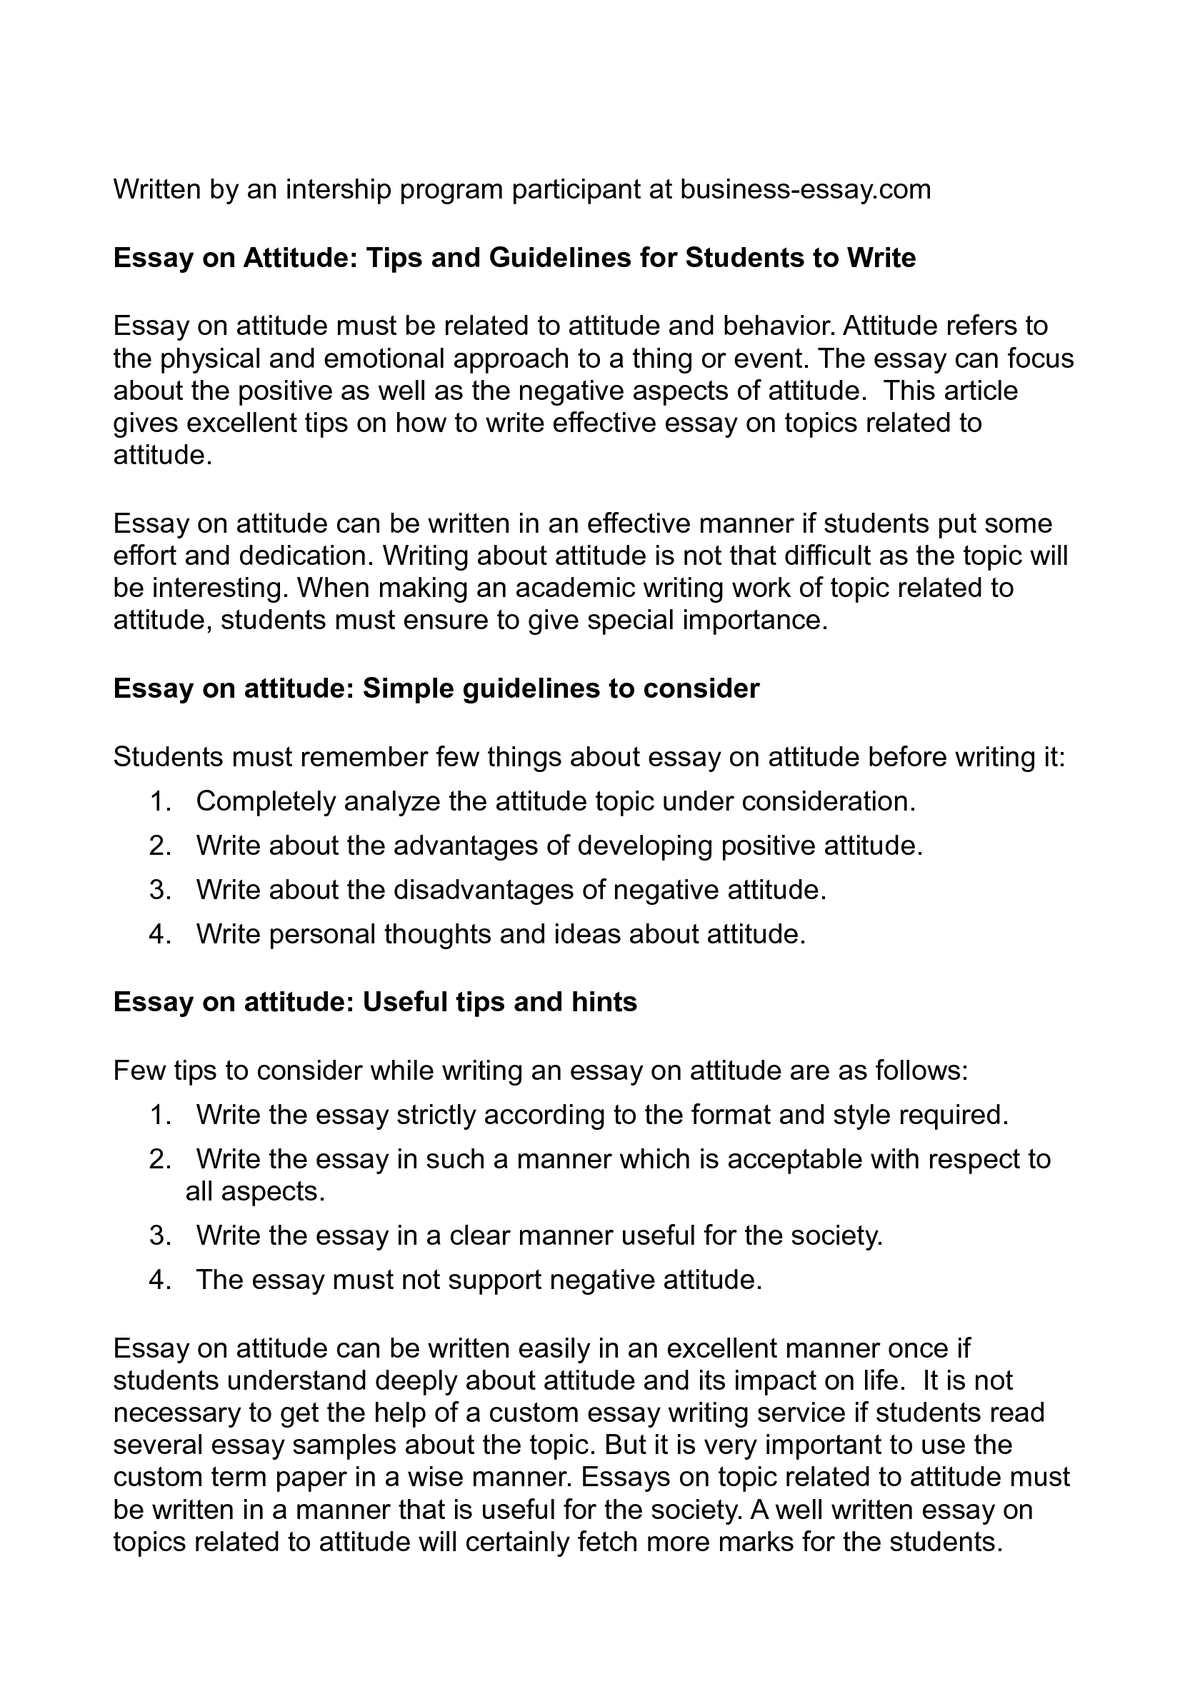 Academic attitude essay